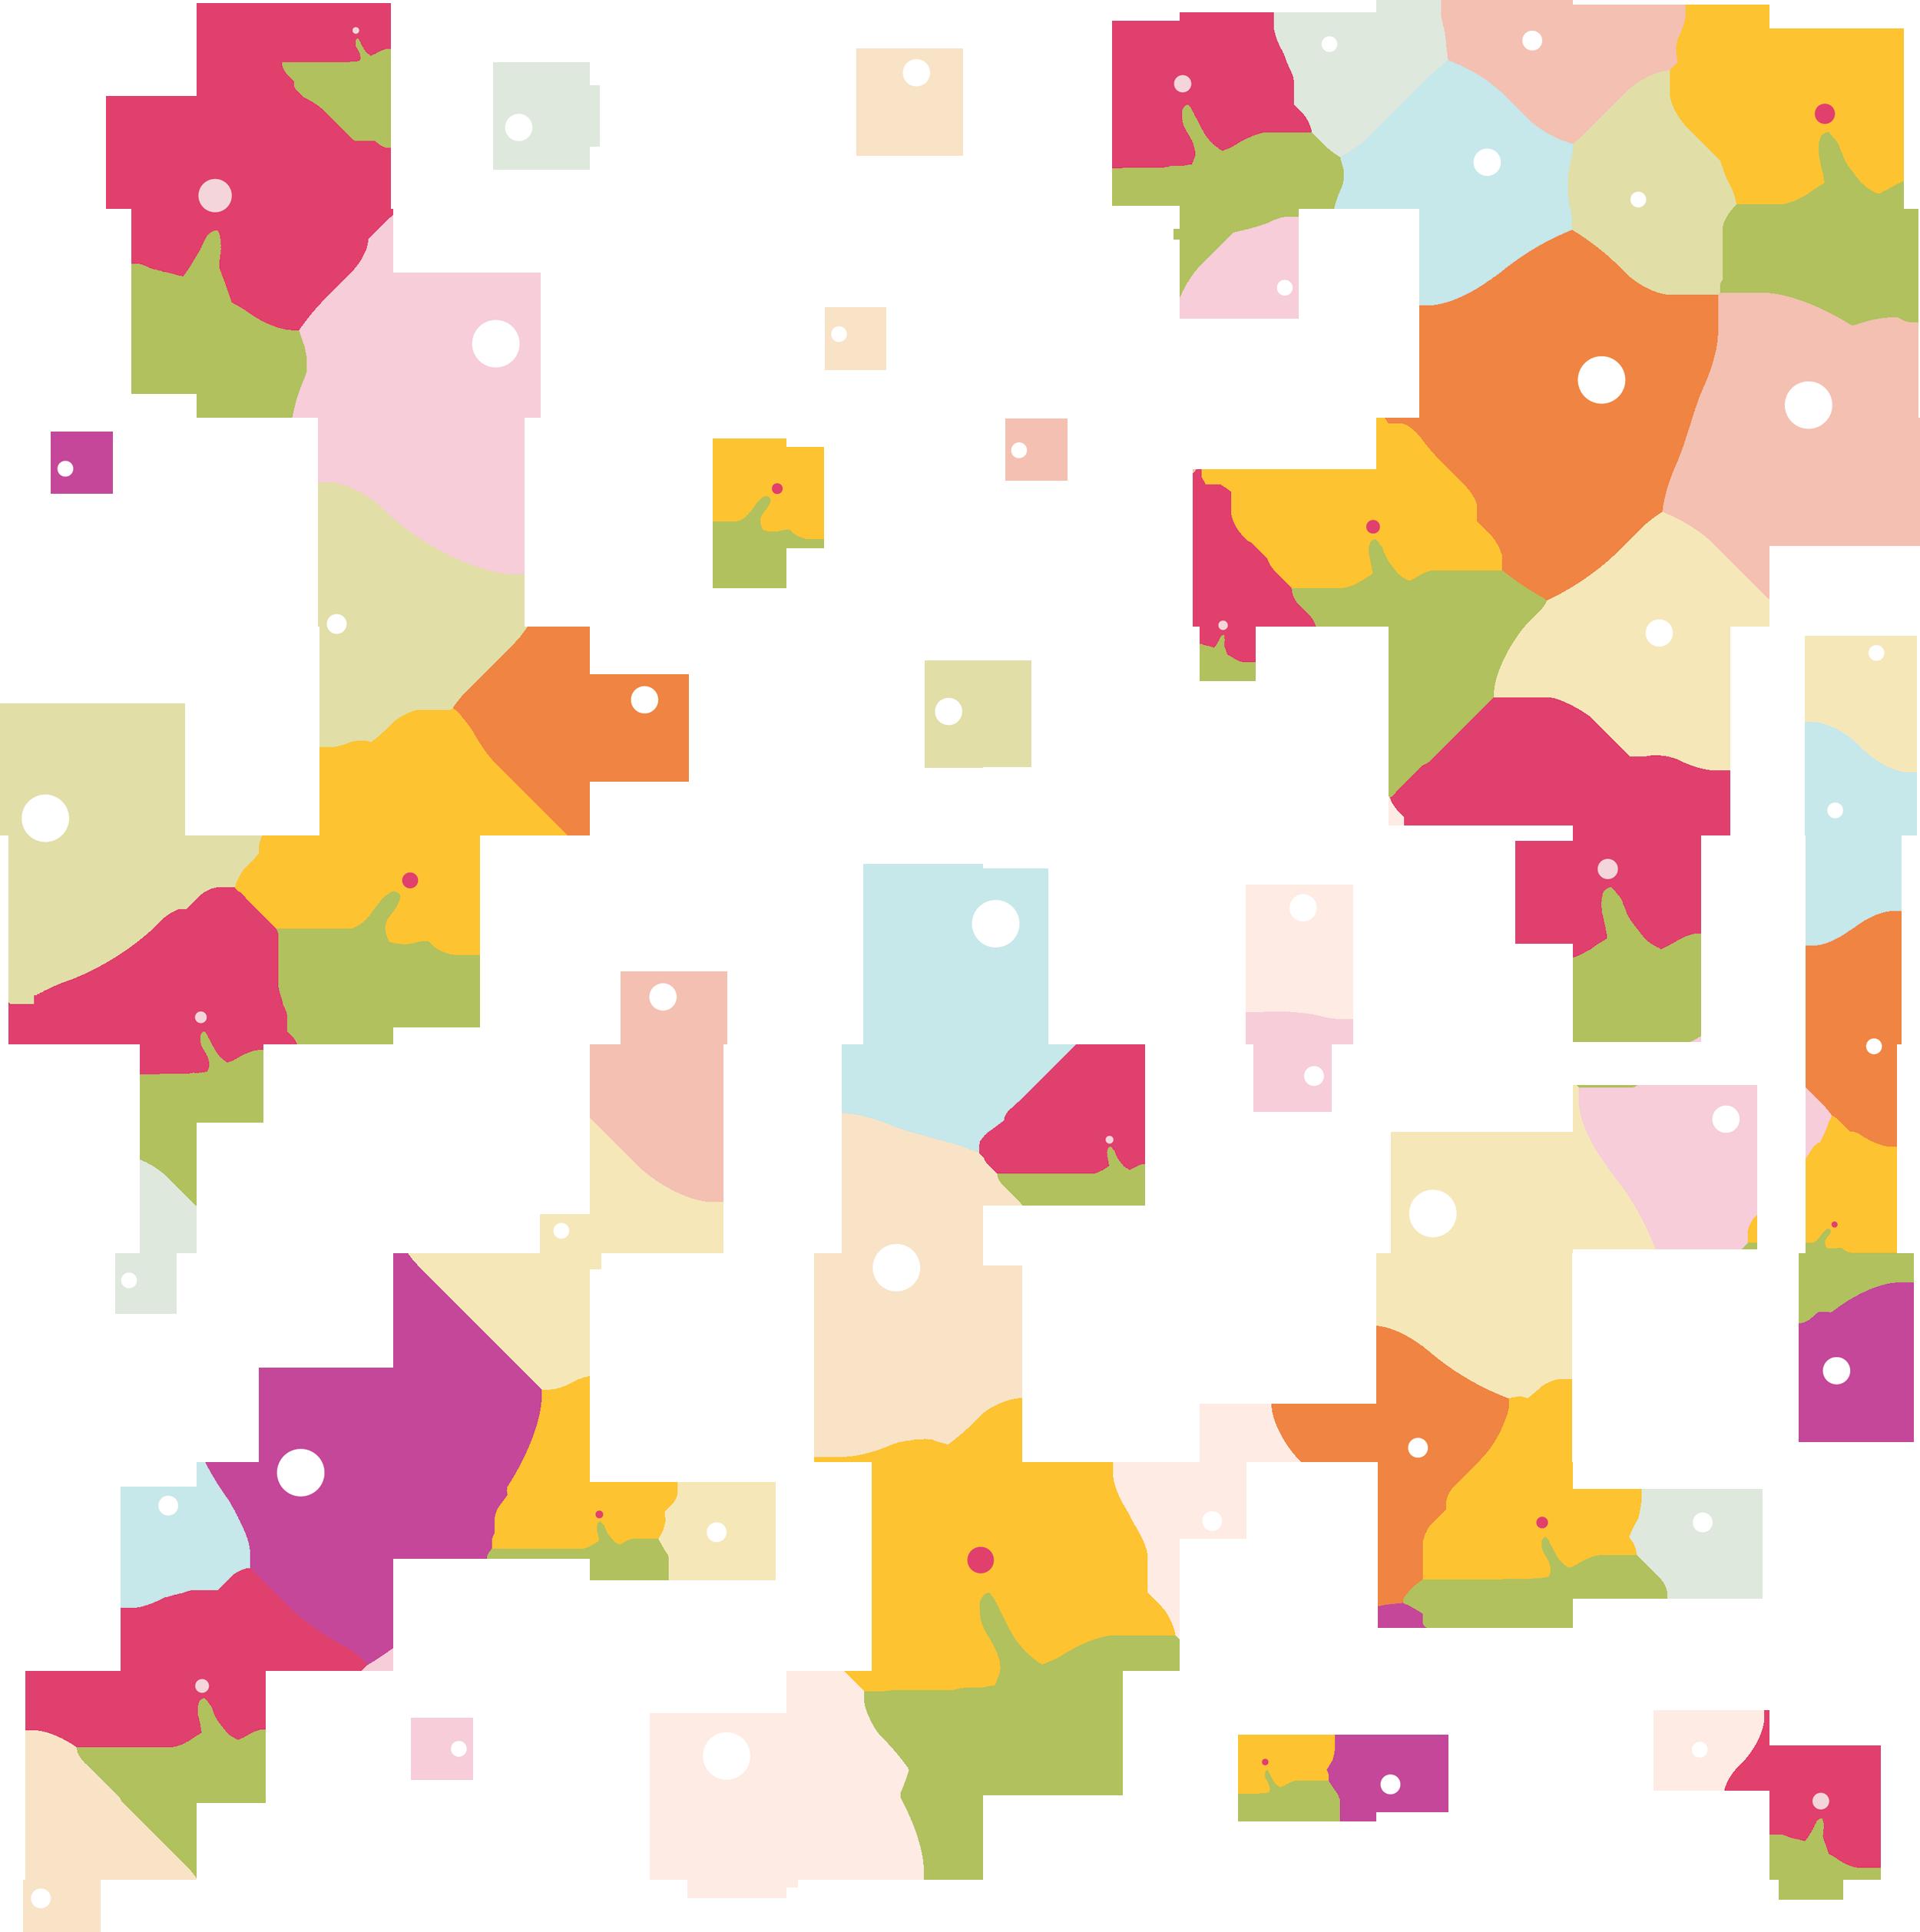 壁紙・背景イラスト/花の模様・柄・パターン no.102『ポップ・カラフル